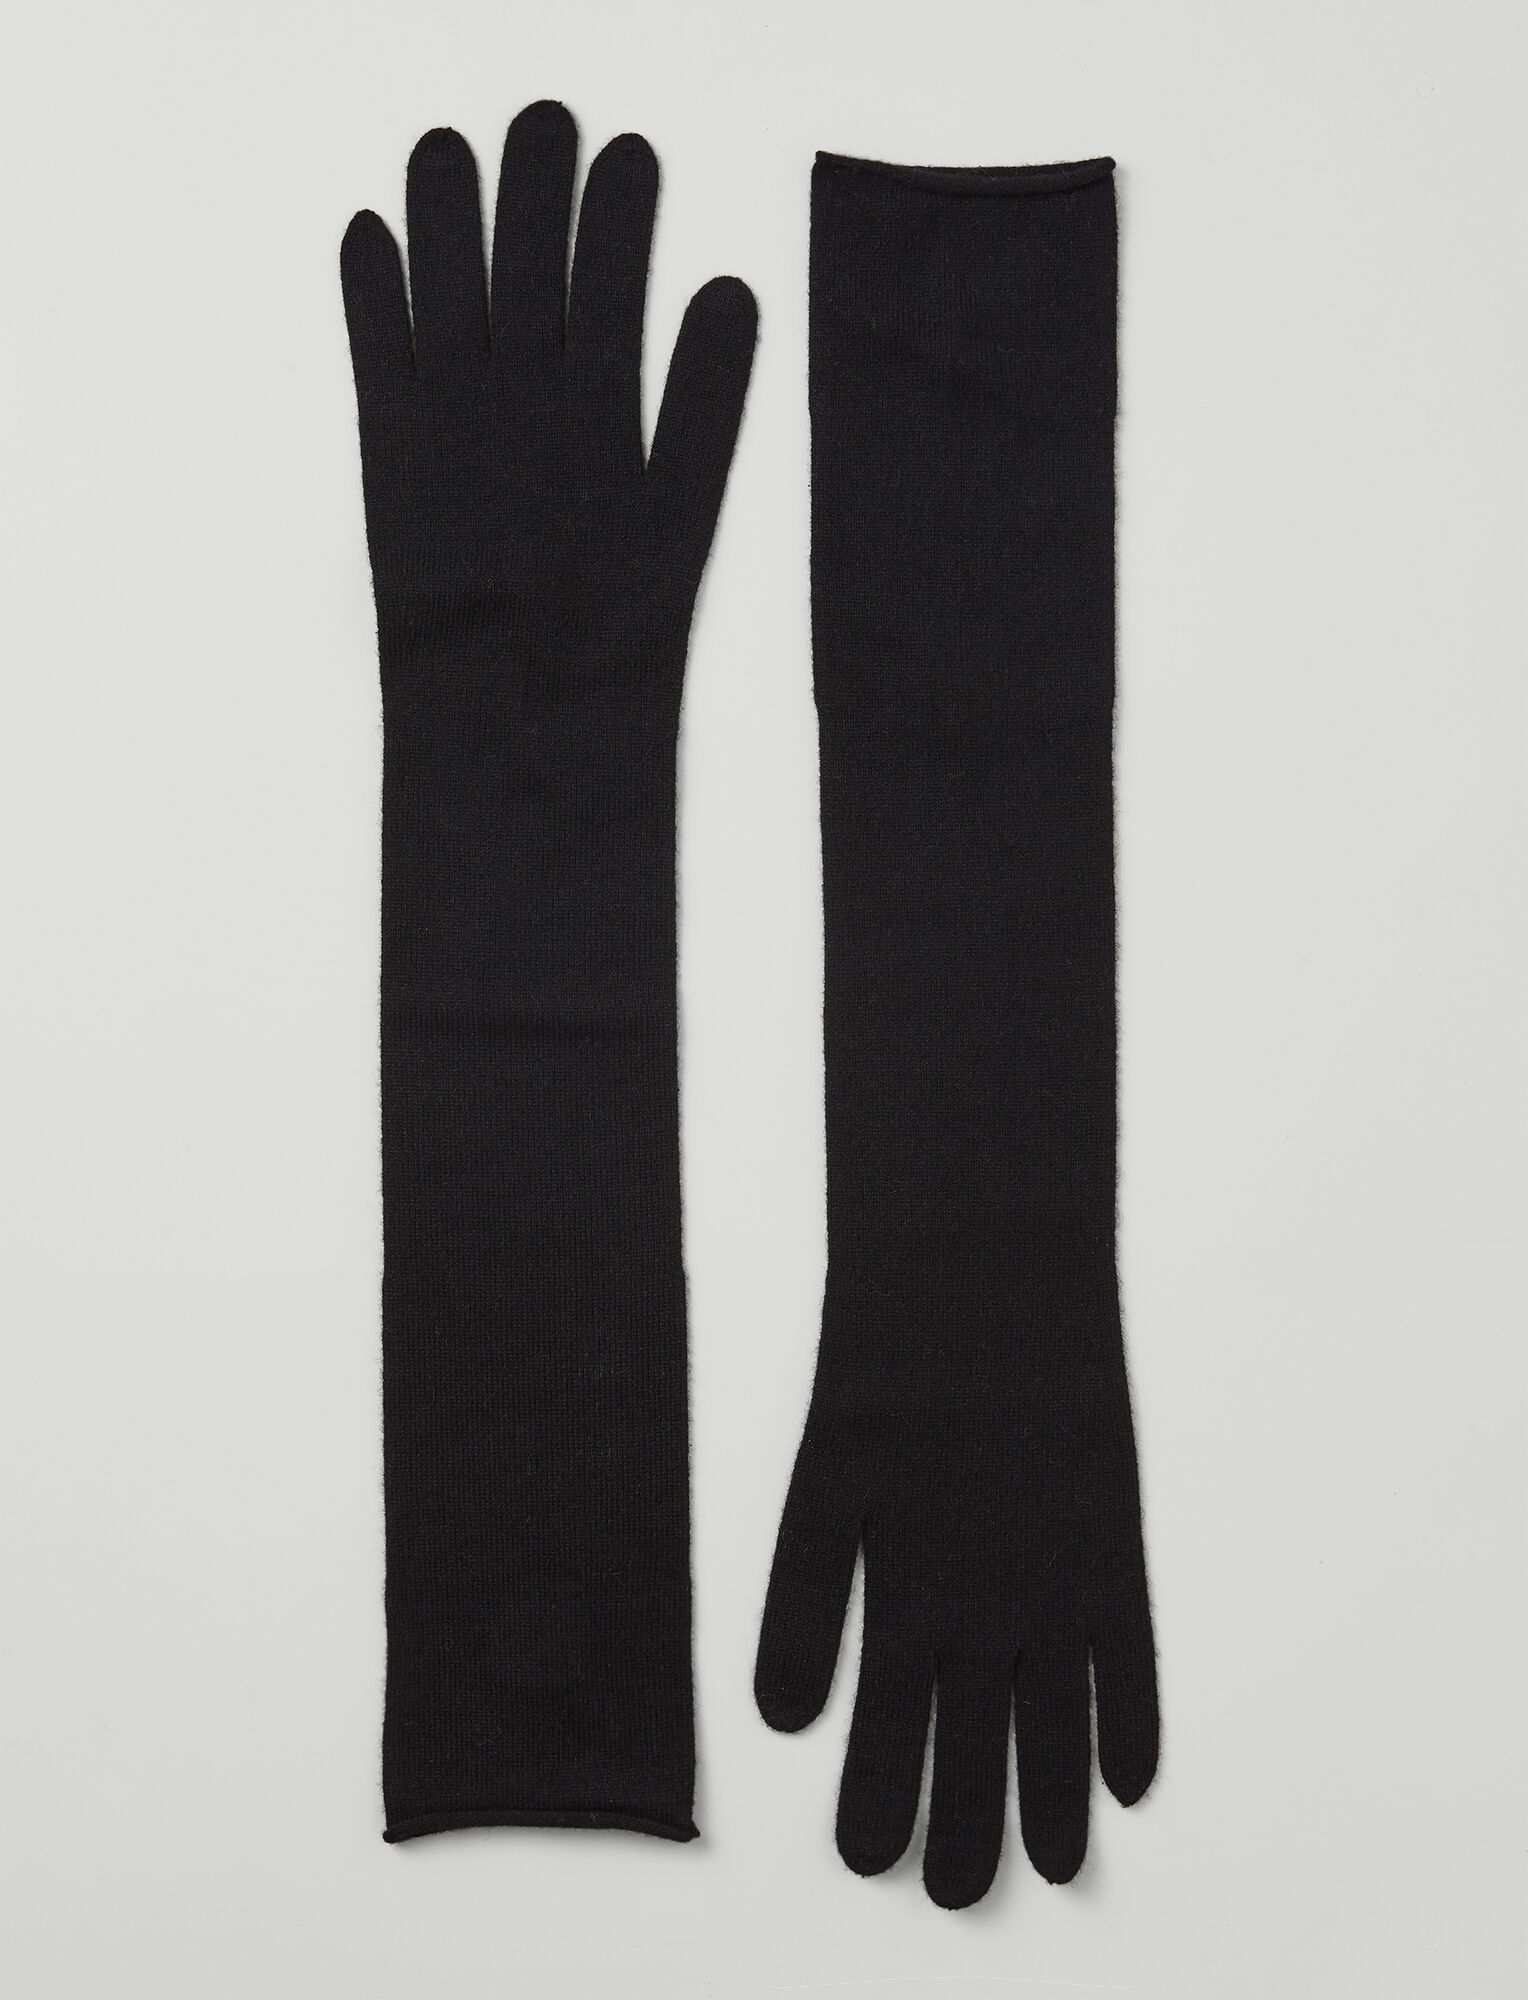 Joseph, Mongolian Cashmere Gloves, in BLACK